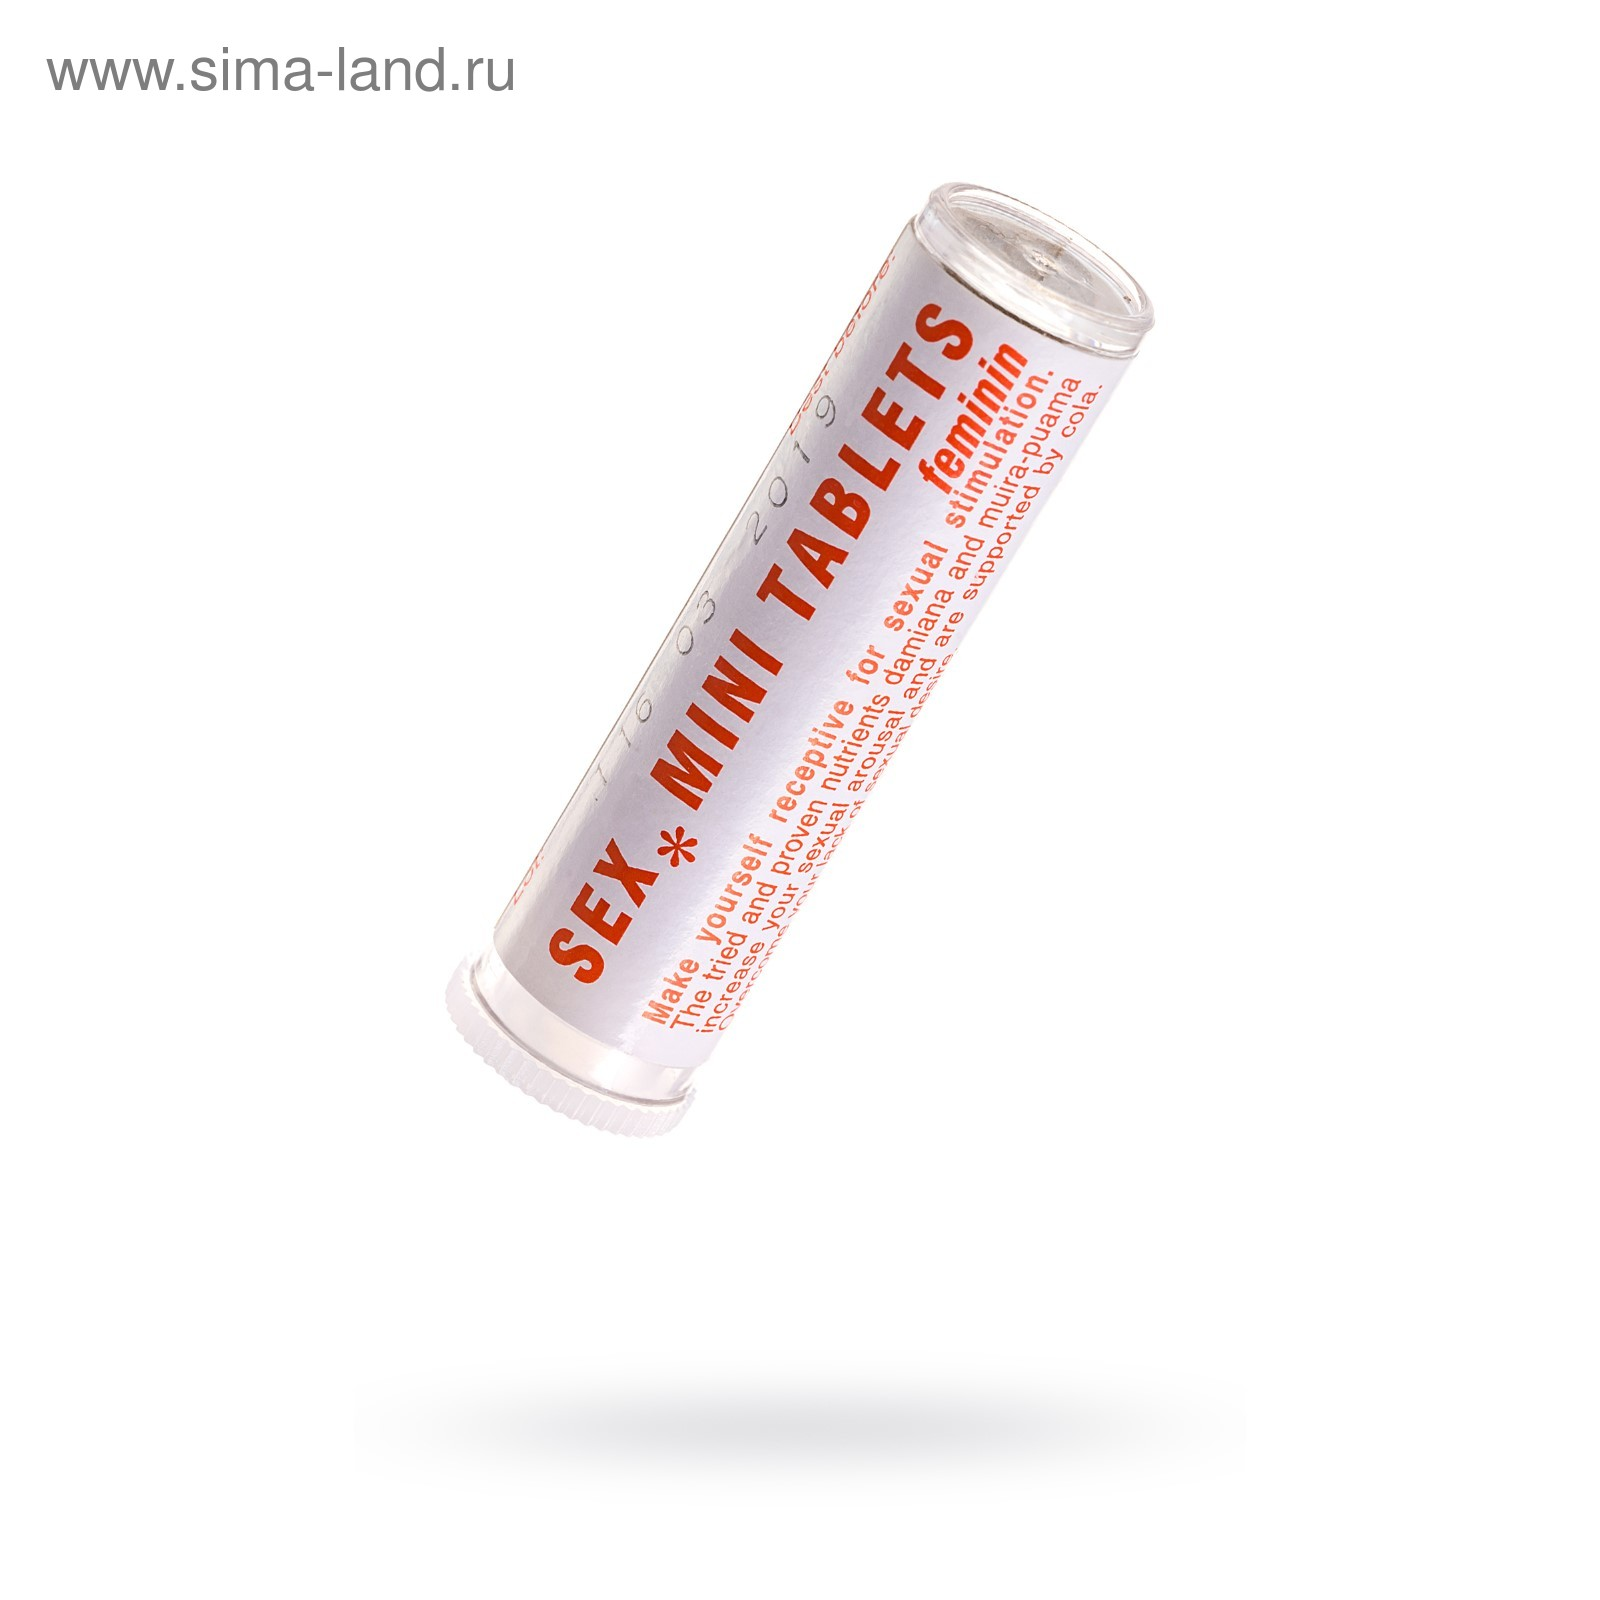 Красная секс таблетка для женщин